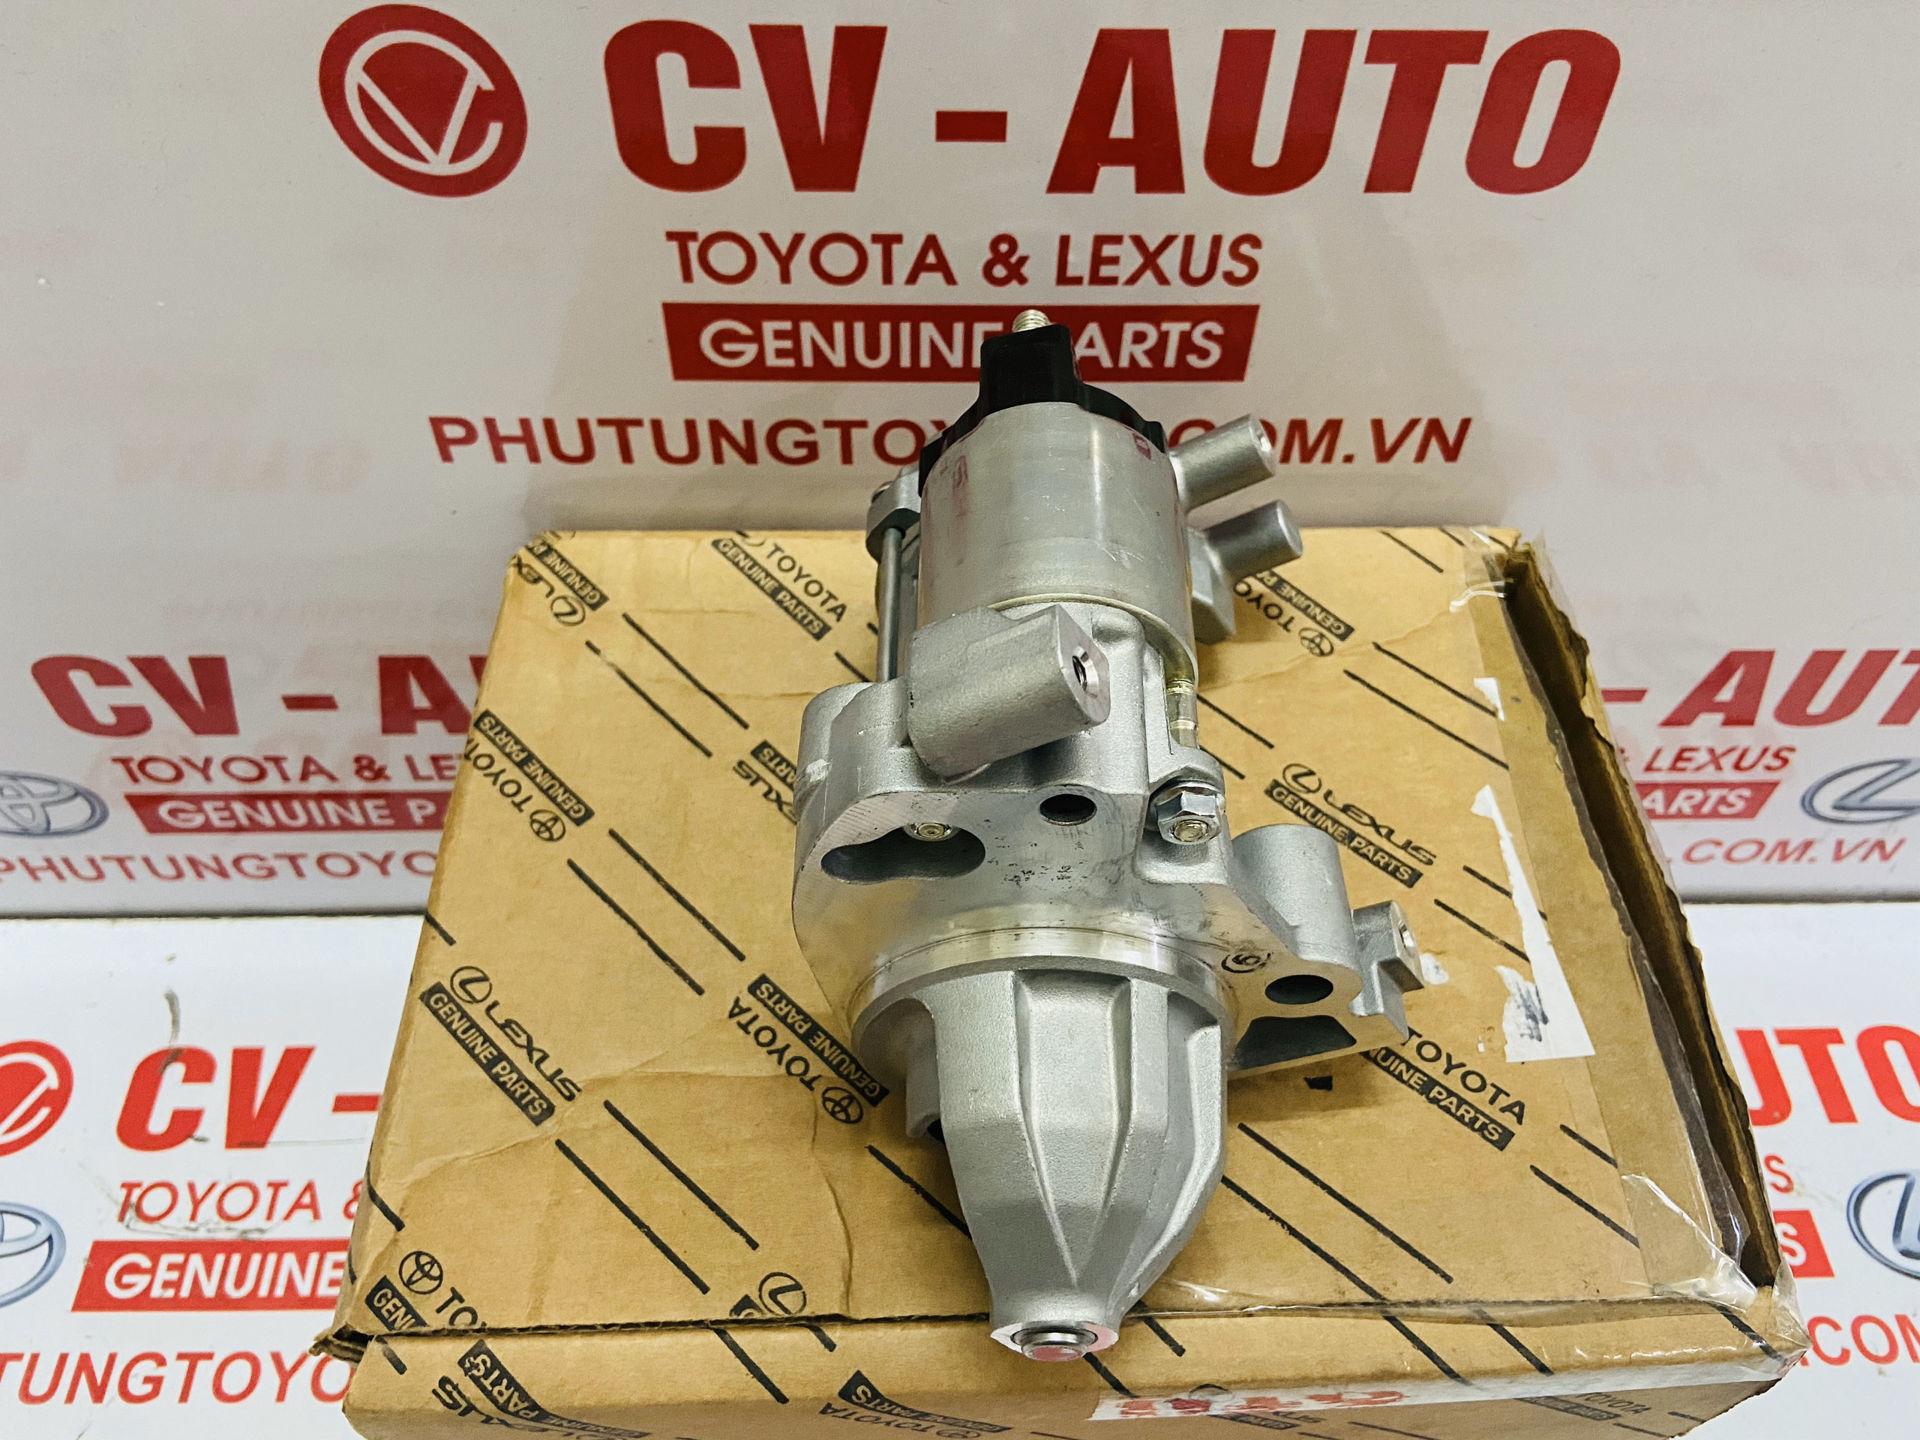 Picture of 28100-38070 Củ đề, máy đề Lexus GX460 - Toyota Land Cruiser động cơ 1UR hàng chính hãng